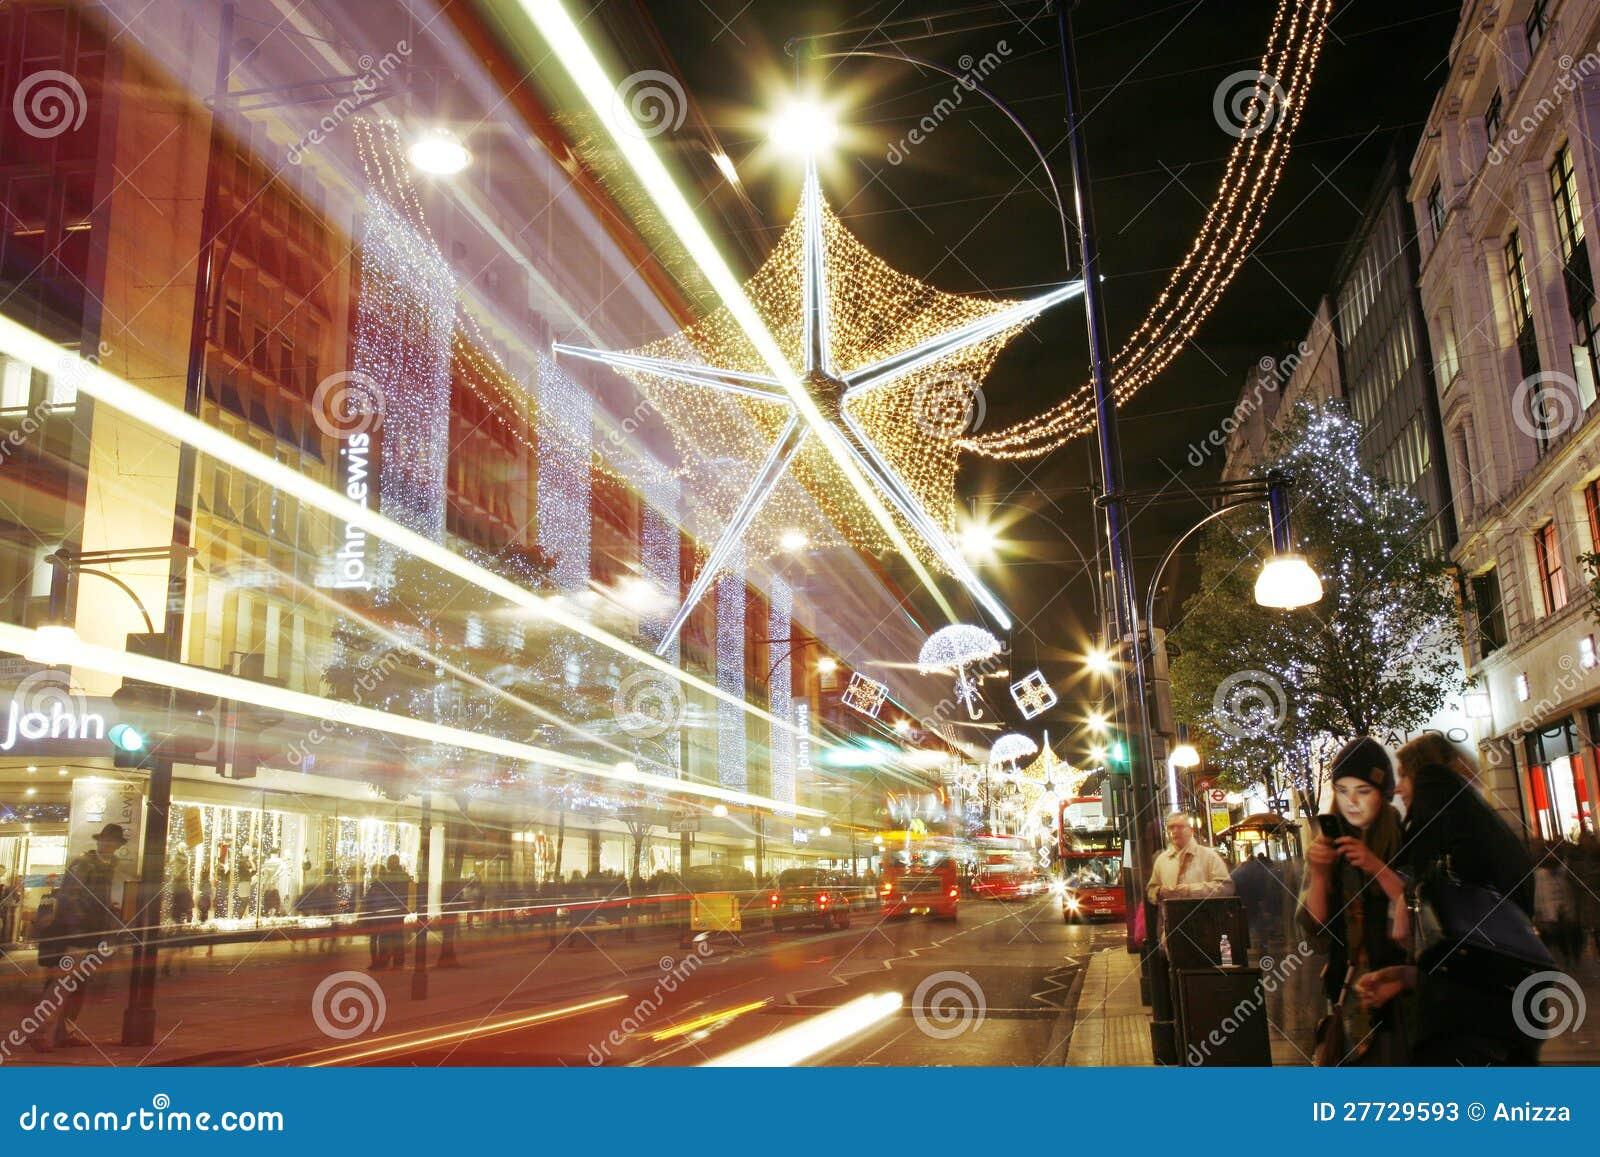 Weihnachtsleuchten in London